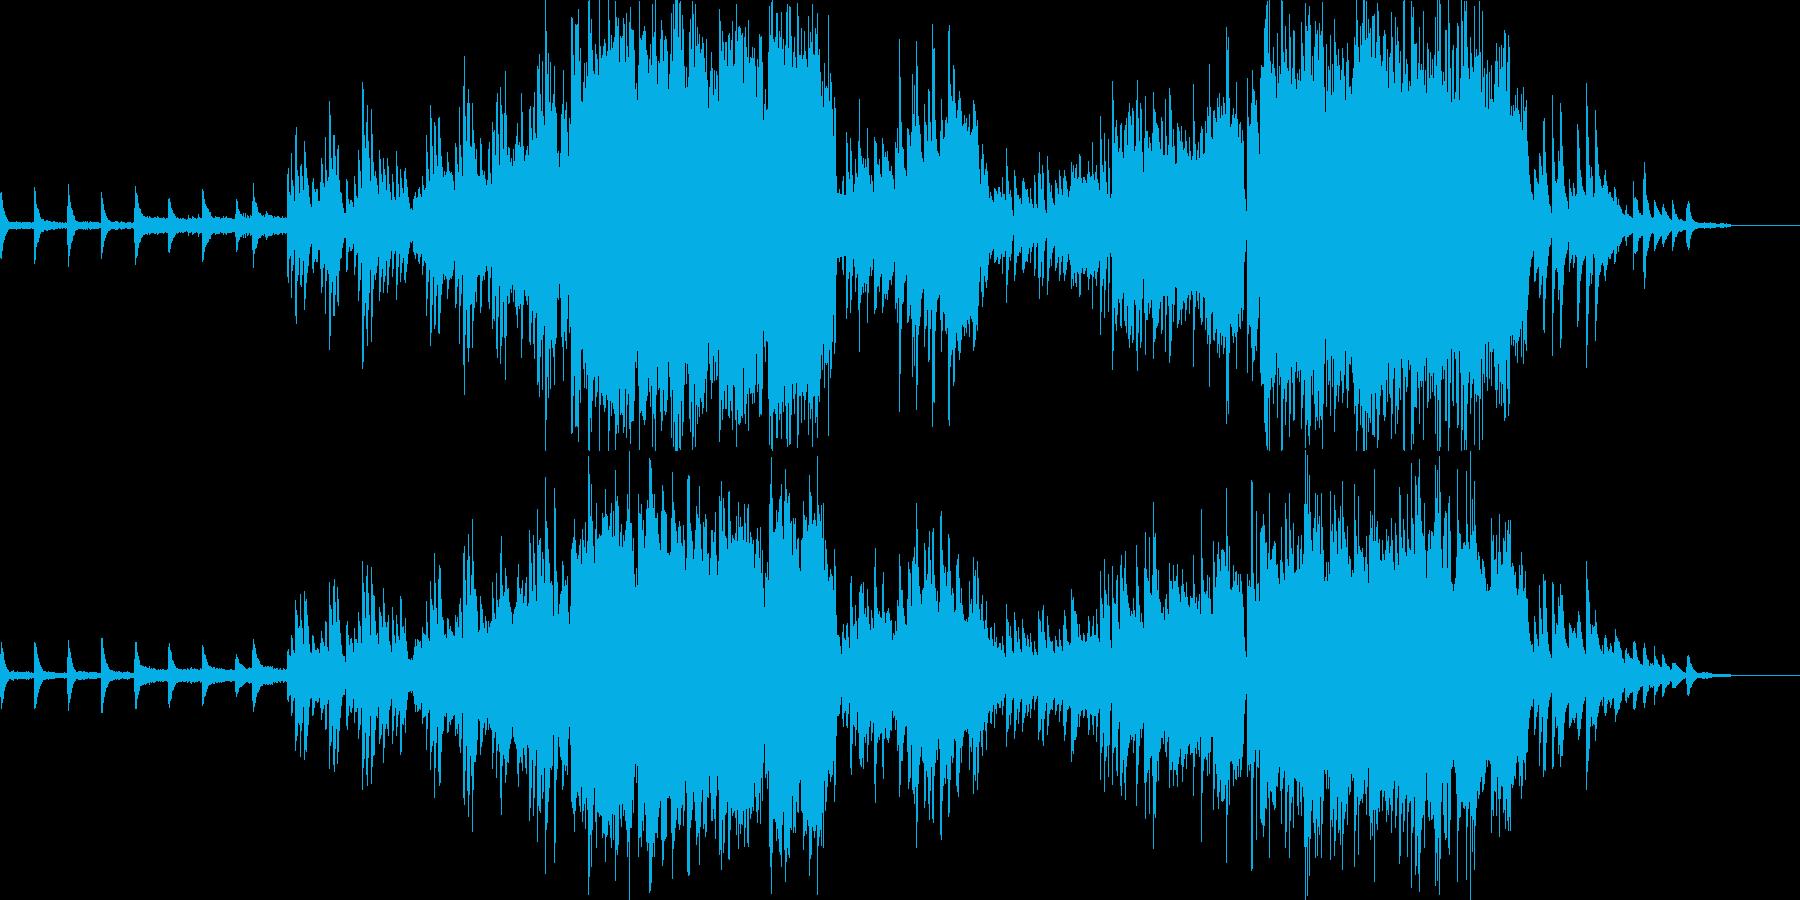 ピアノとストリングスの映像用バラードの再生済みの波形